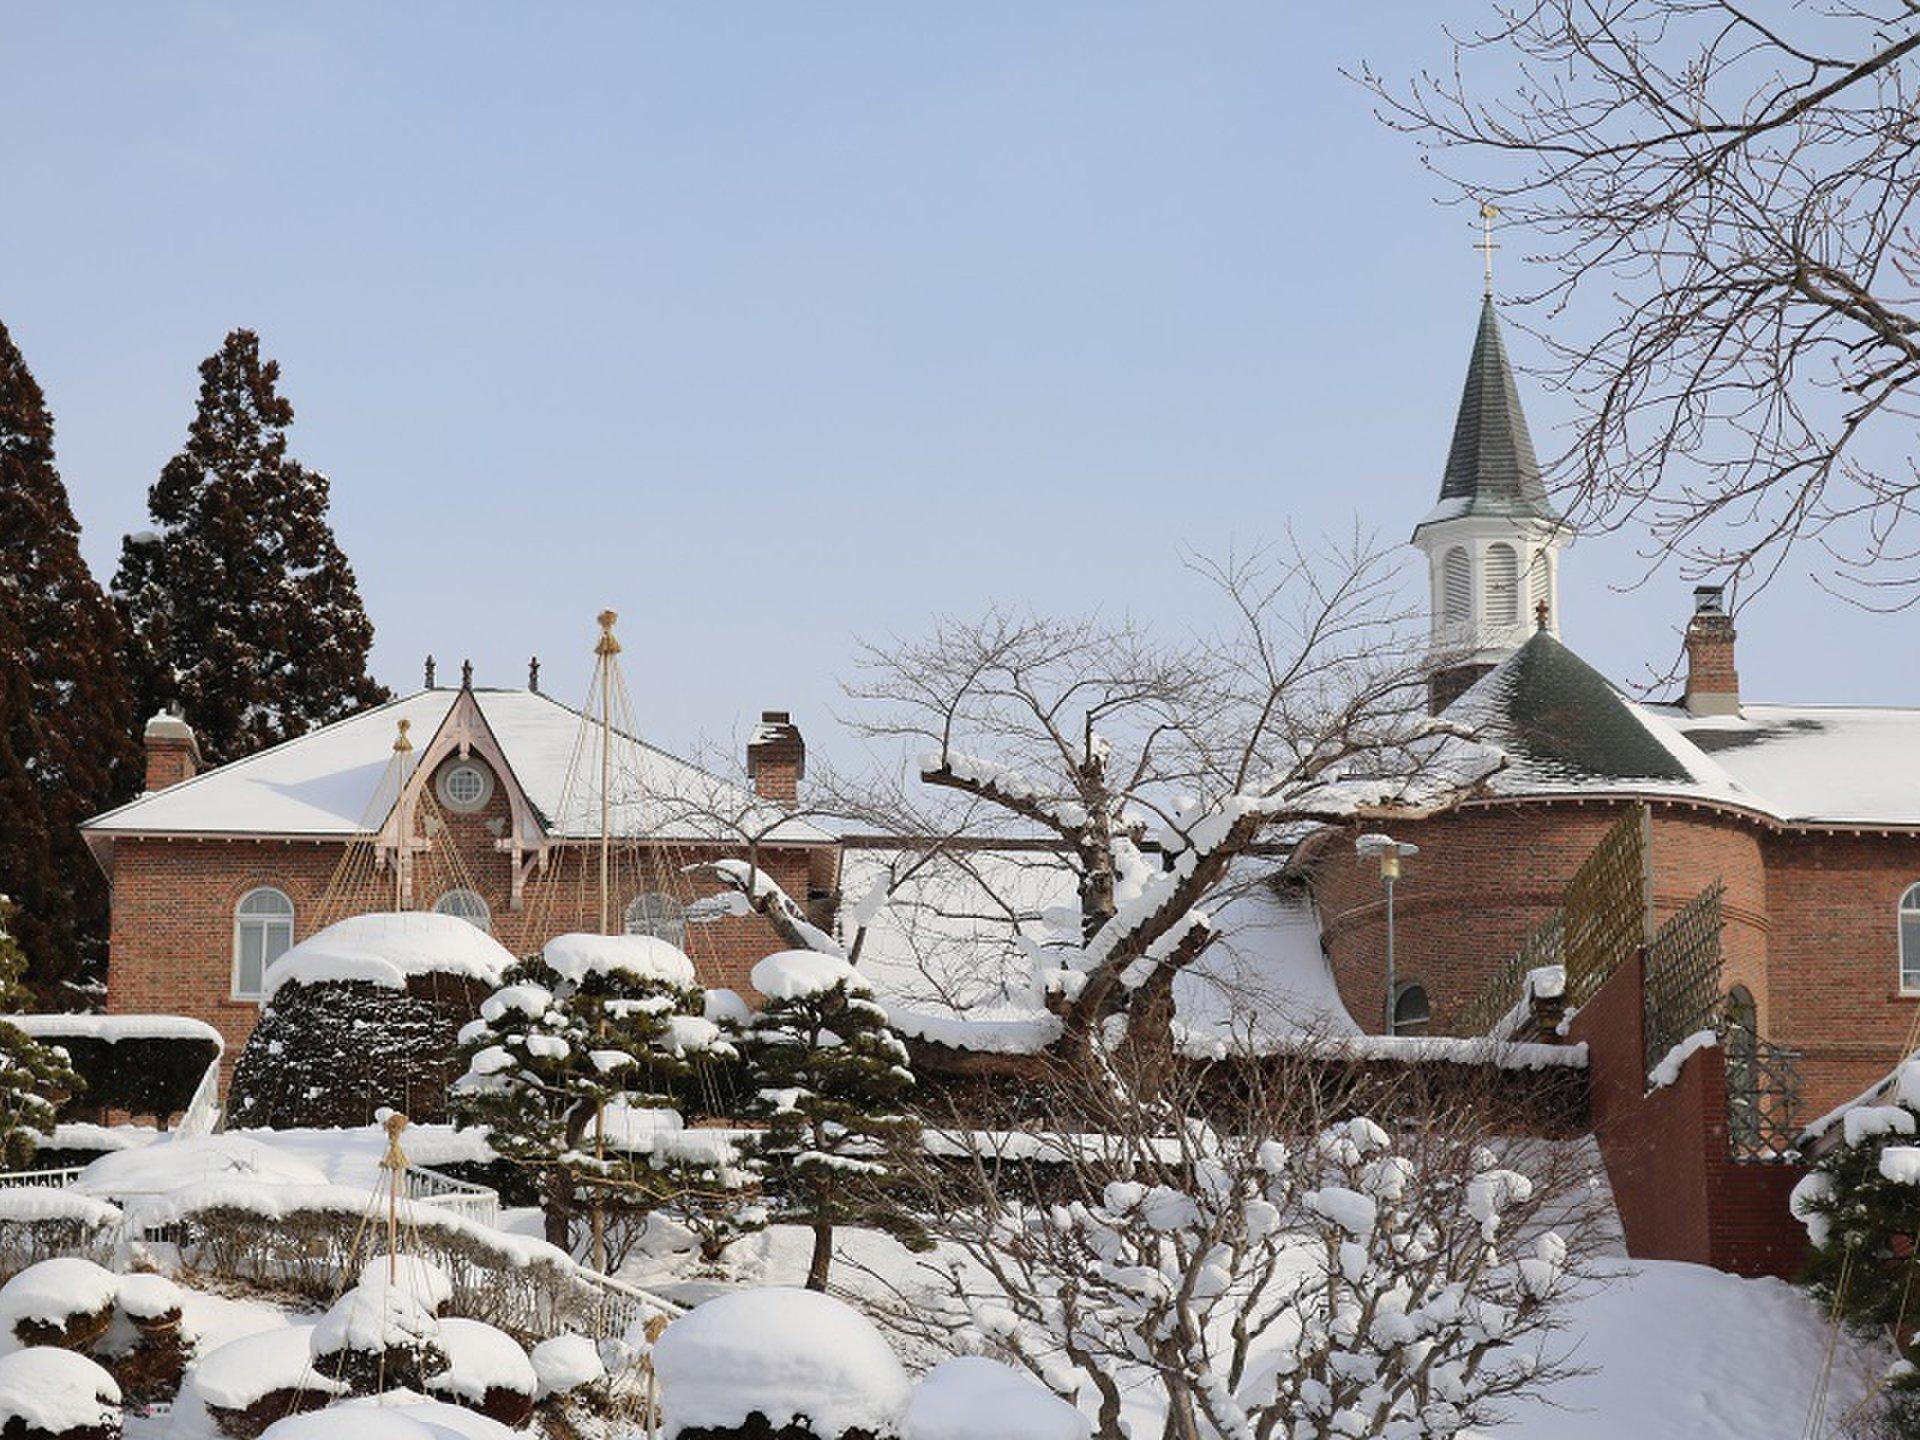 函館の観光名所 日本初の女子修道院トラピスチヌ修道院で、清らかで心静かなひとときを♪